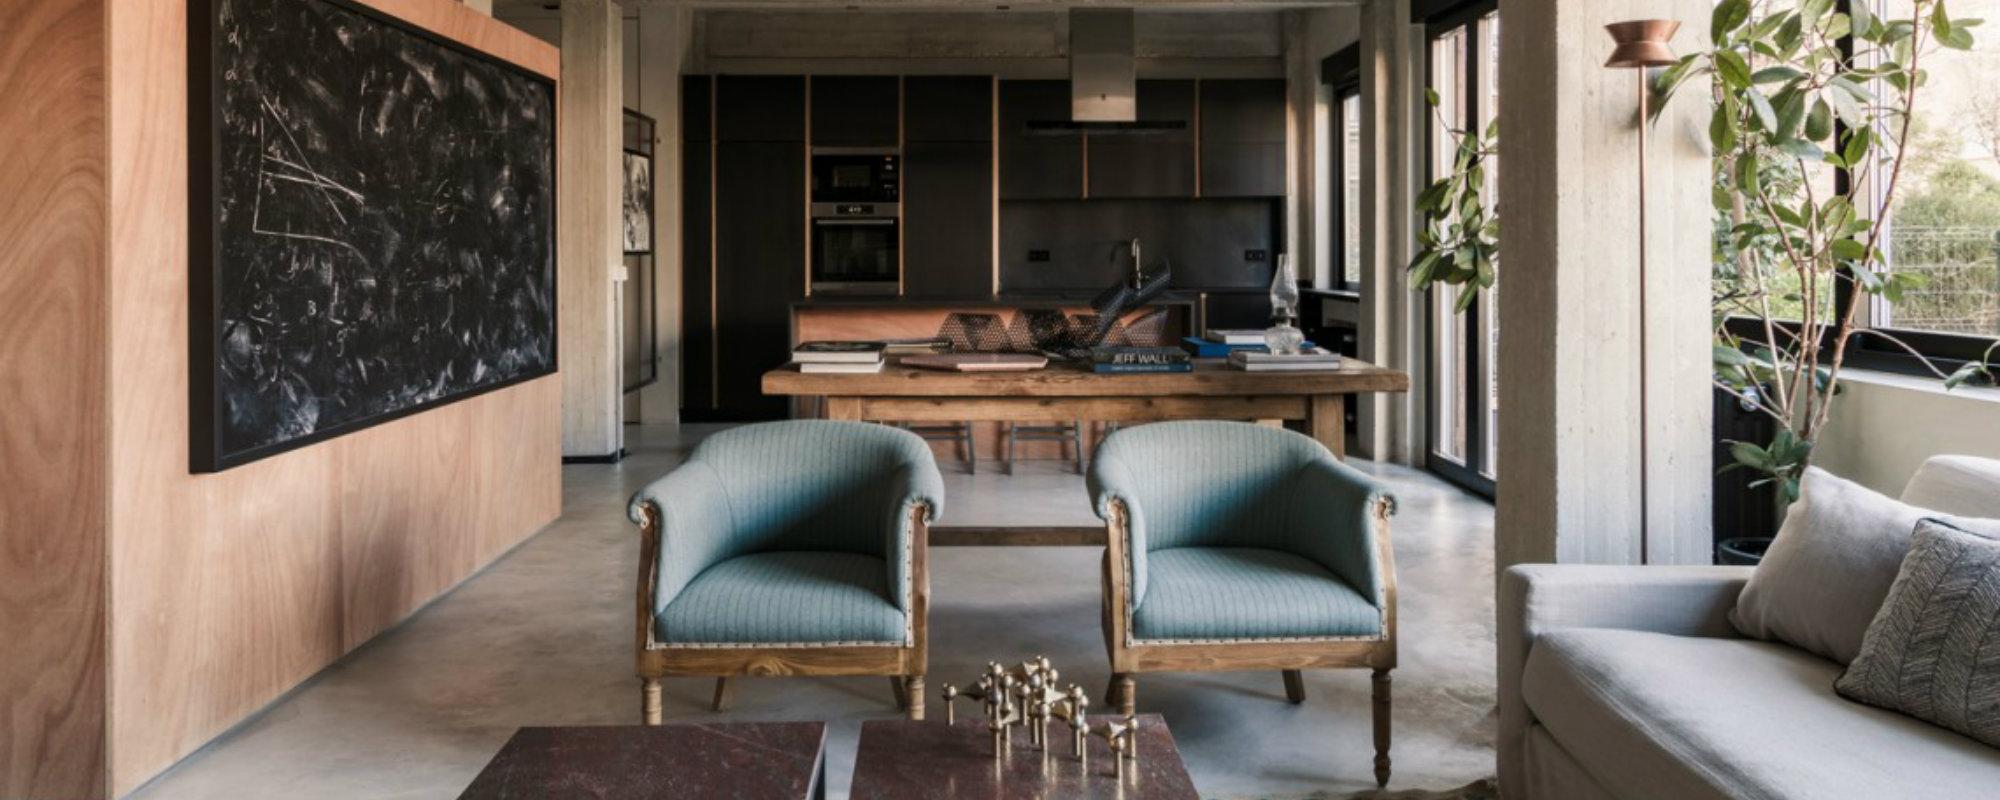 Estudio de Interiorismo: Espejo y Goyanes con proyectos lujuosos en Madrid estudio de interiorismo Estudio de Interiorismo: Espejo y Goyanes con proyectos lujuosos en Madrid Featured 5